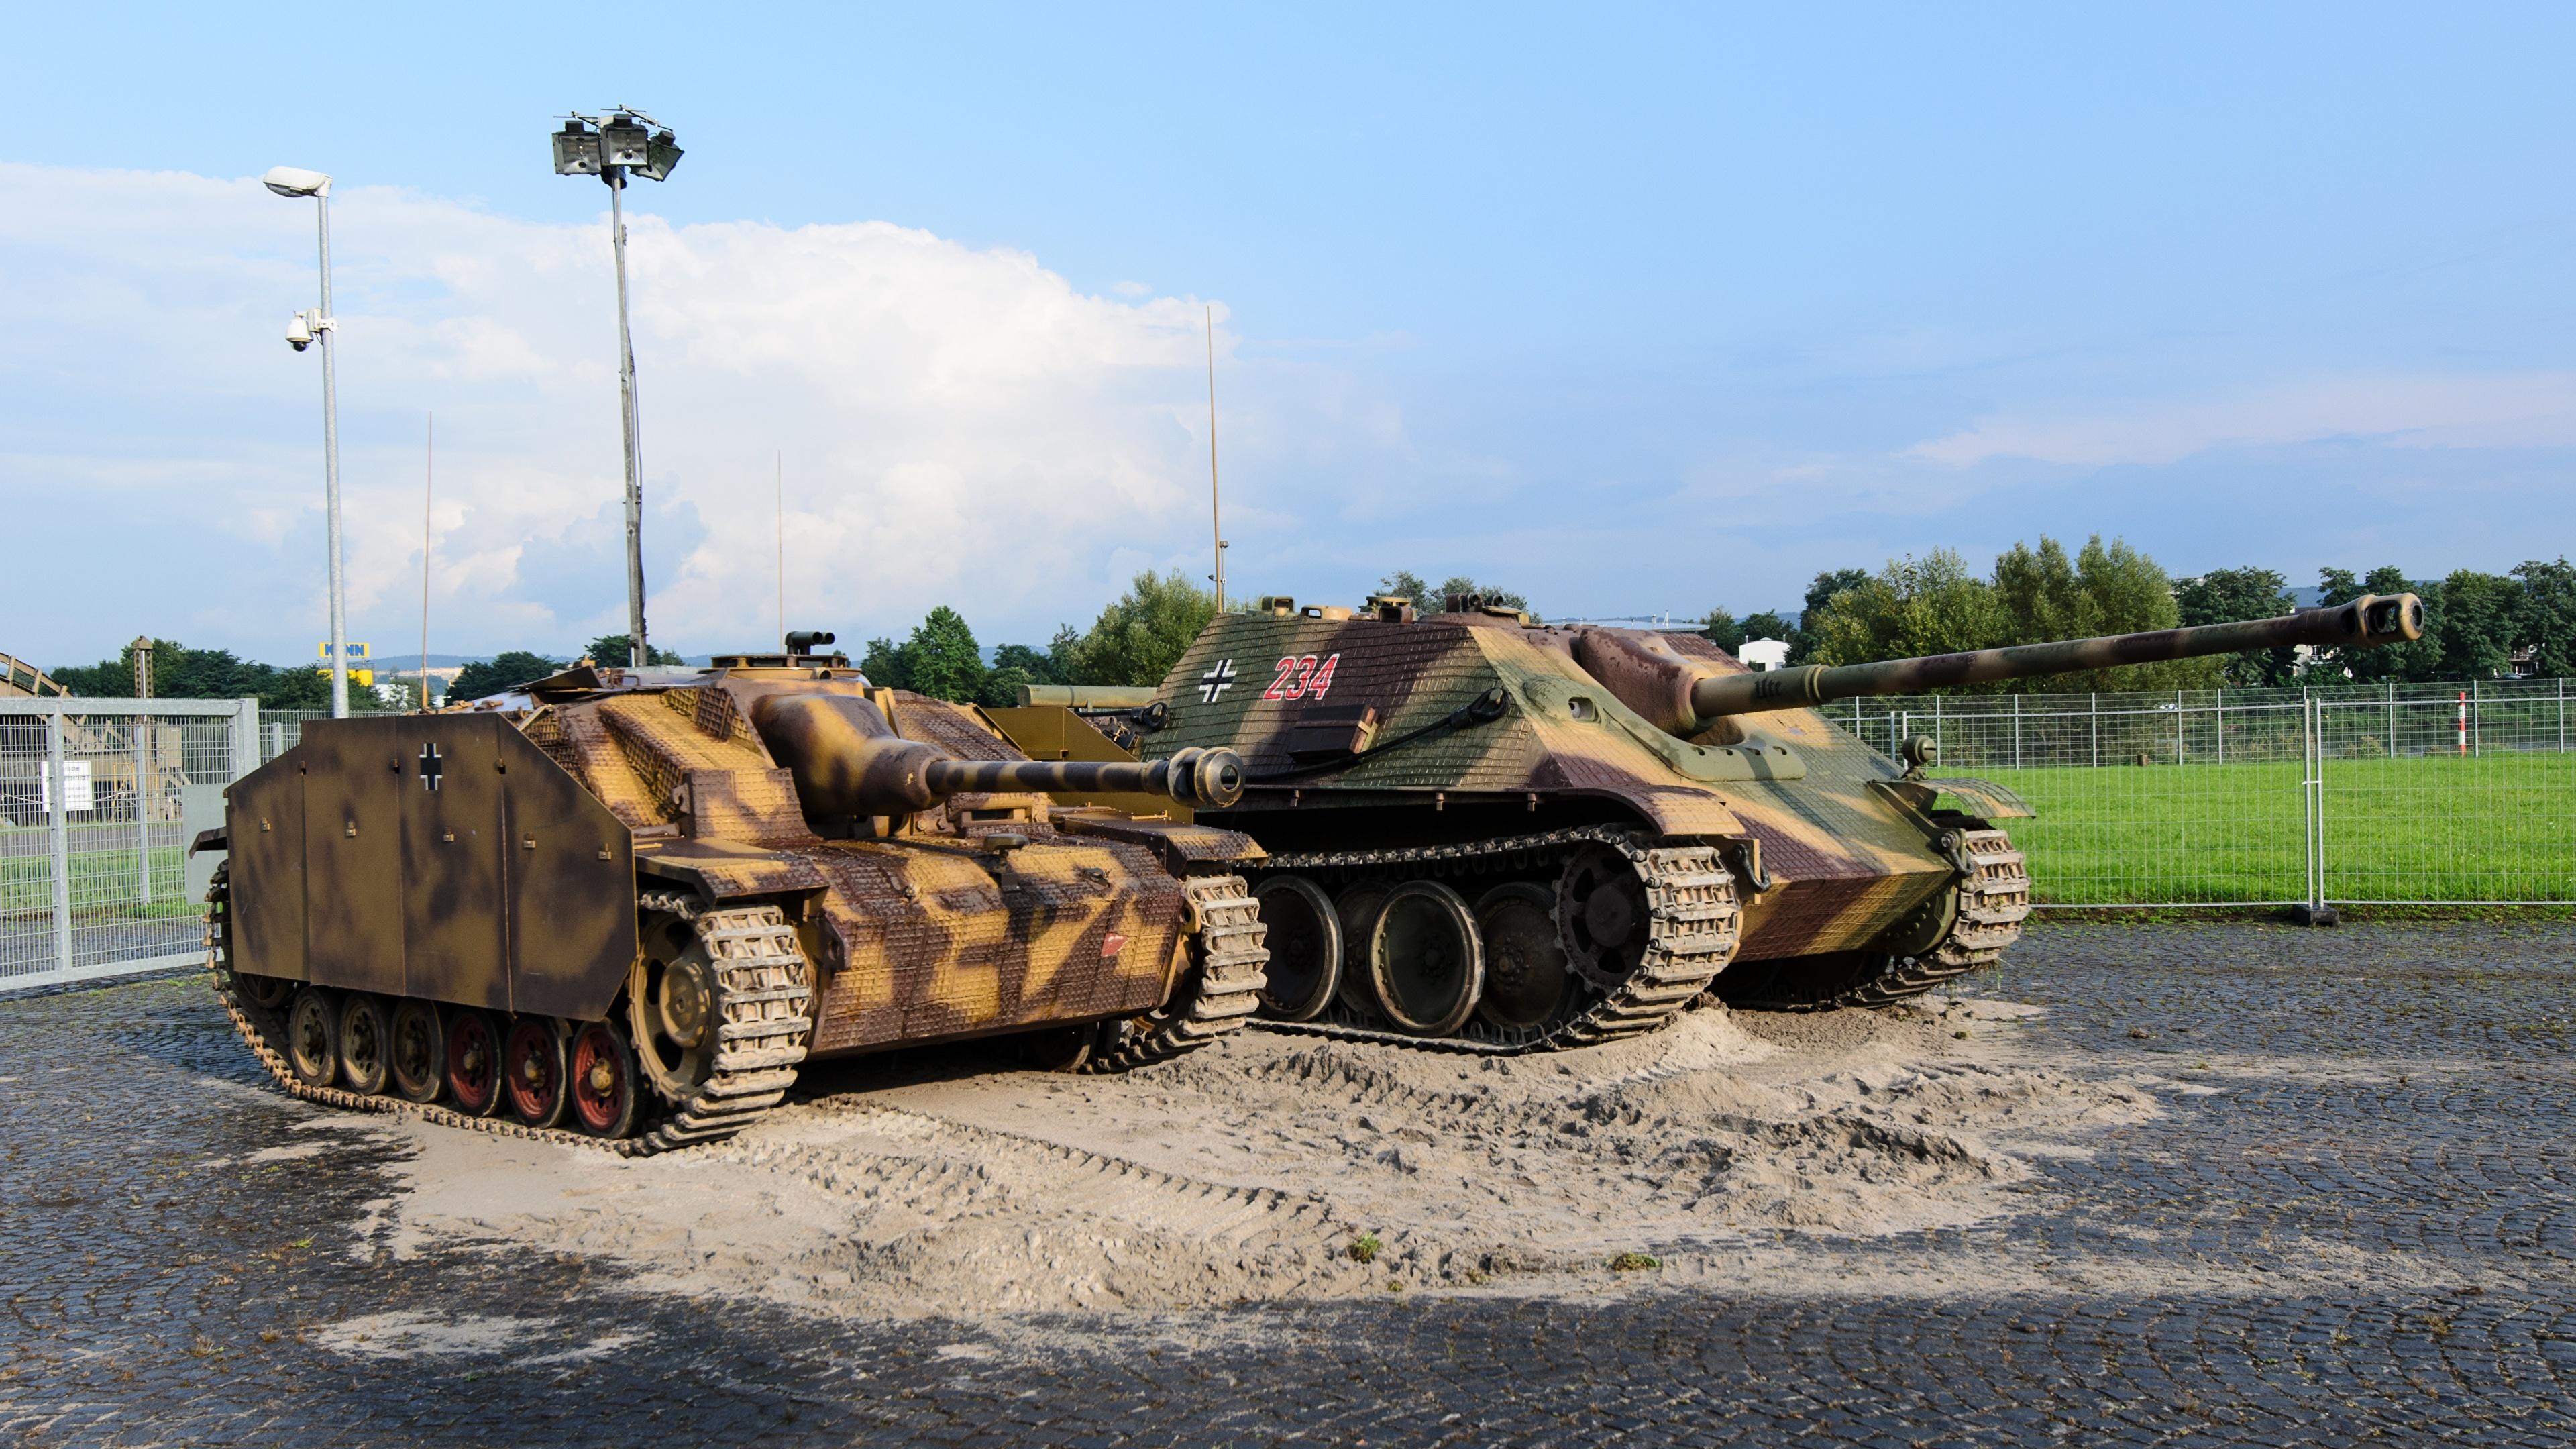 Bilder von Selbstfahrlafette Deutsch Zwei Militär 3840x2160 deutsche deutscher 2 Heer